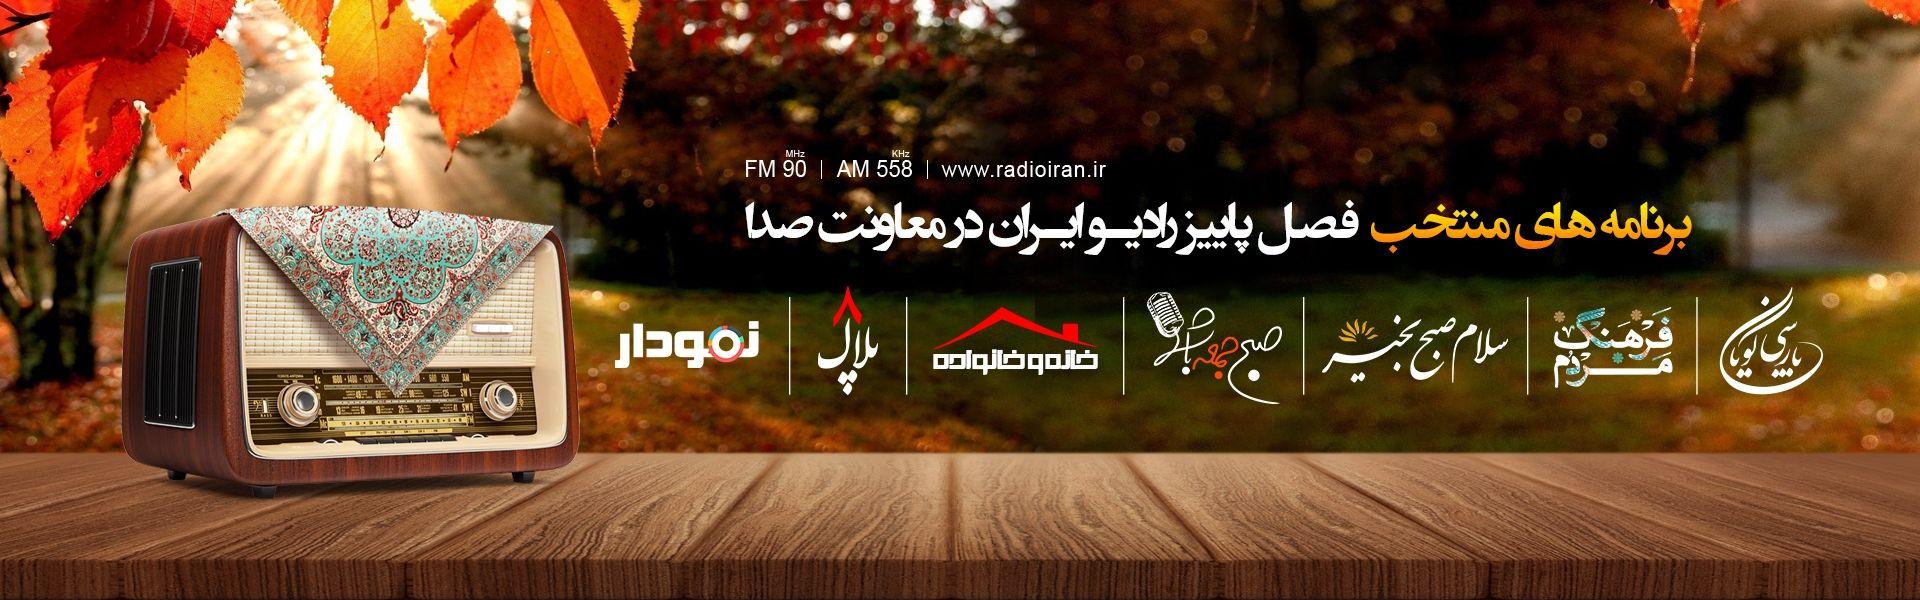 برنامه های شاخص رادیو ایران در پاییز